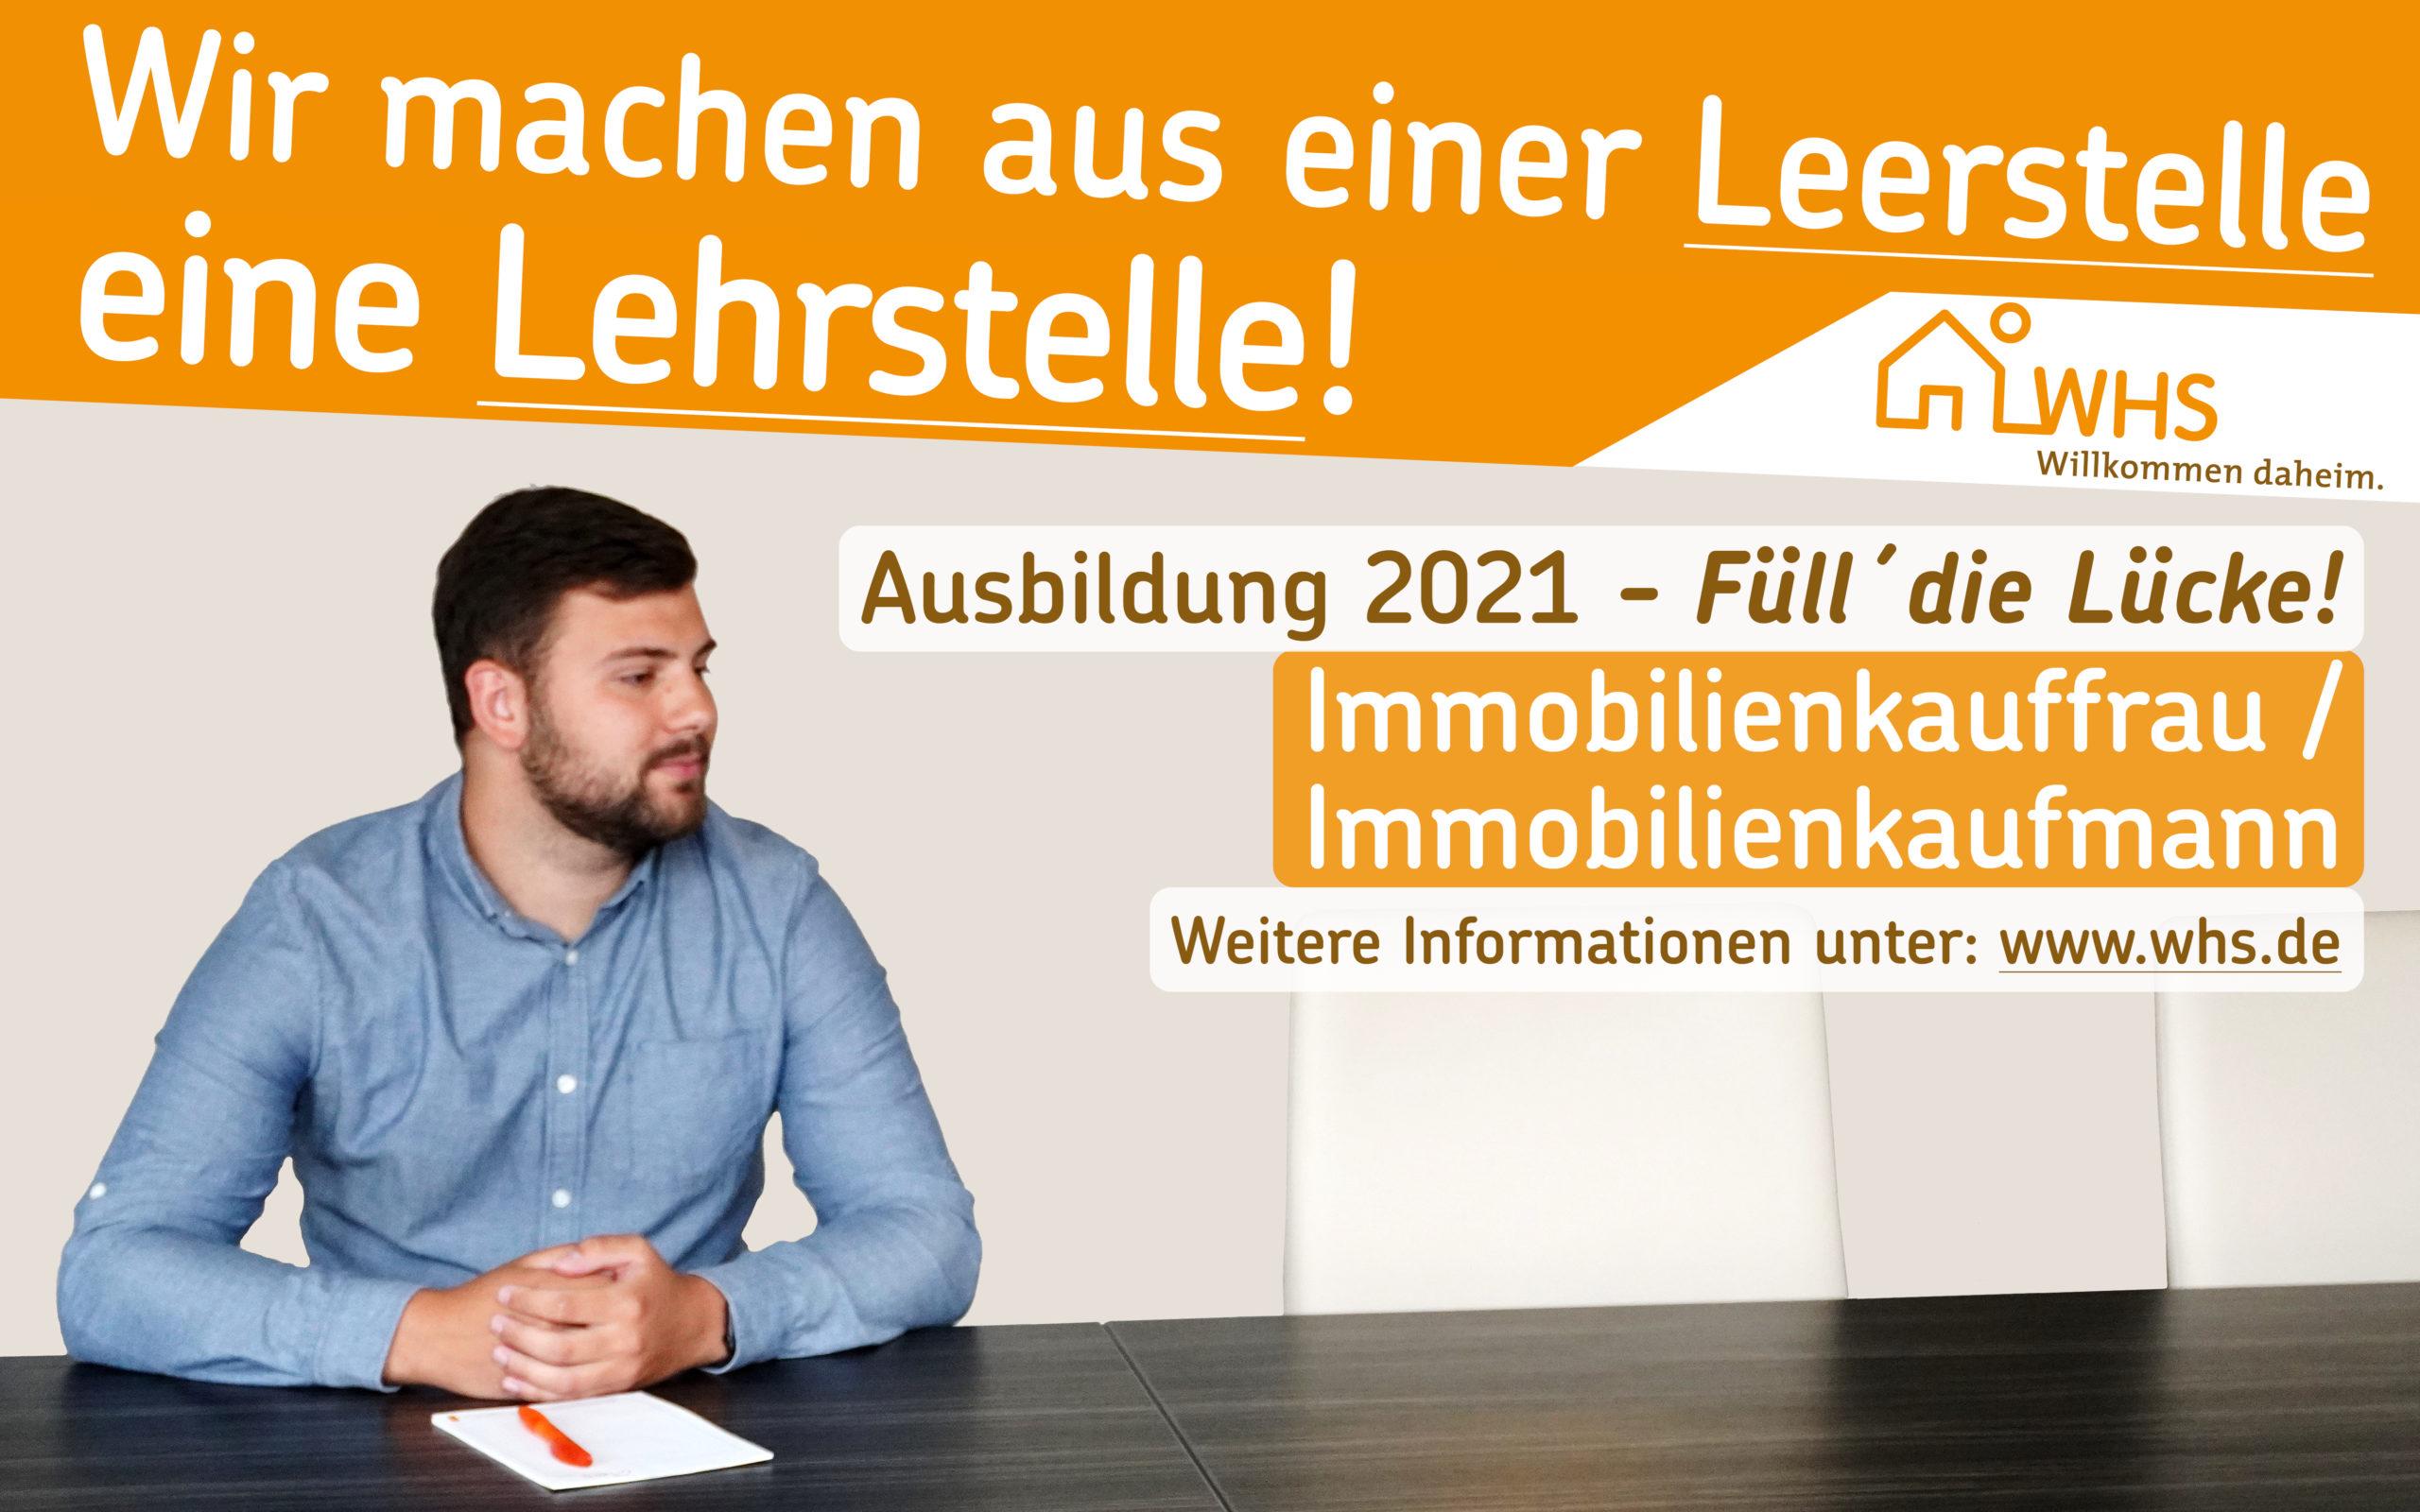 Ausbildung 2021